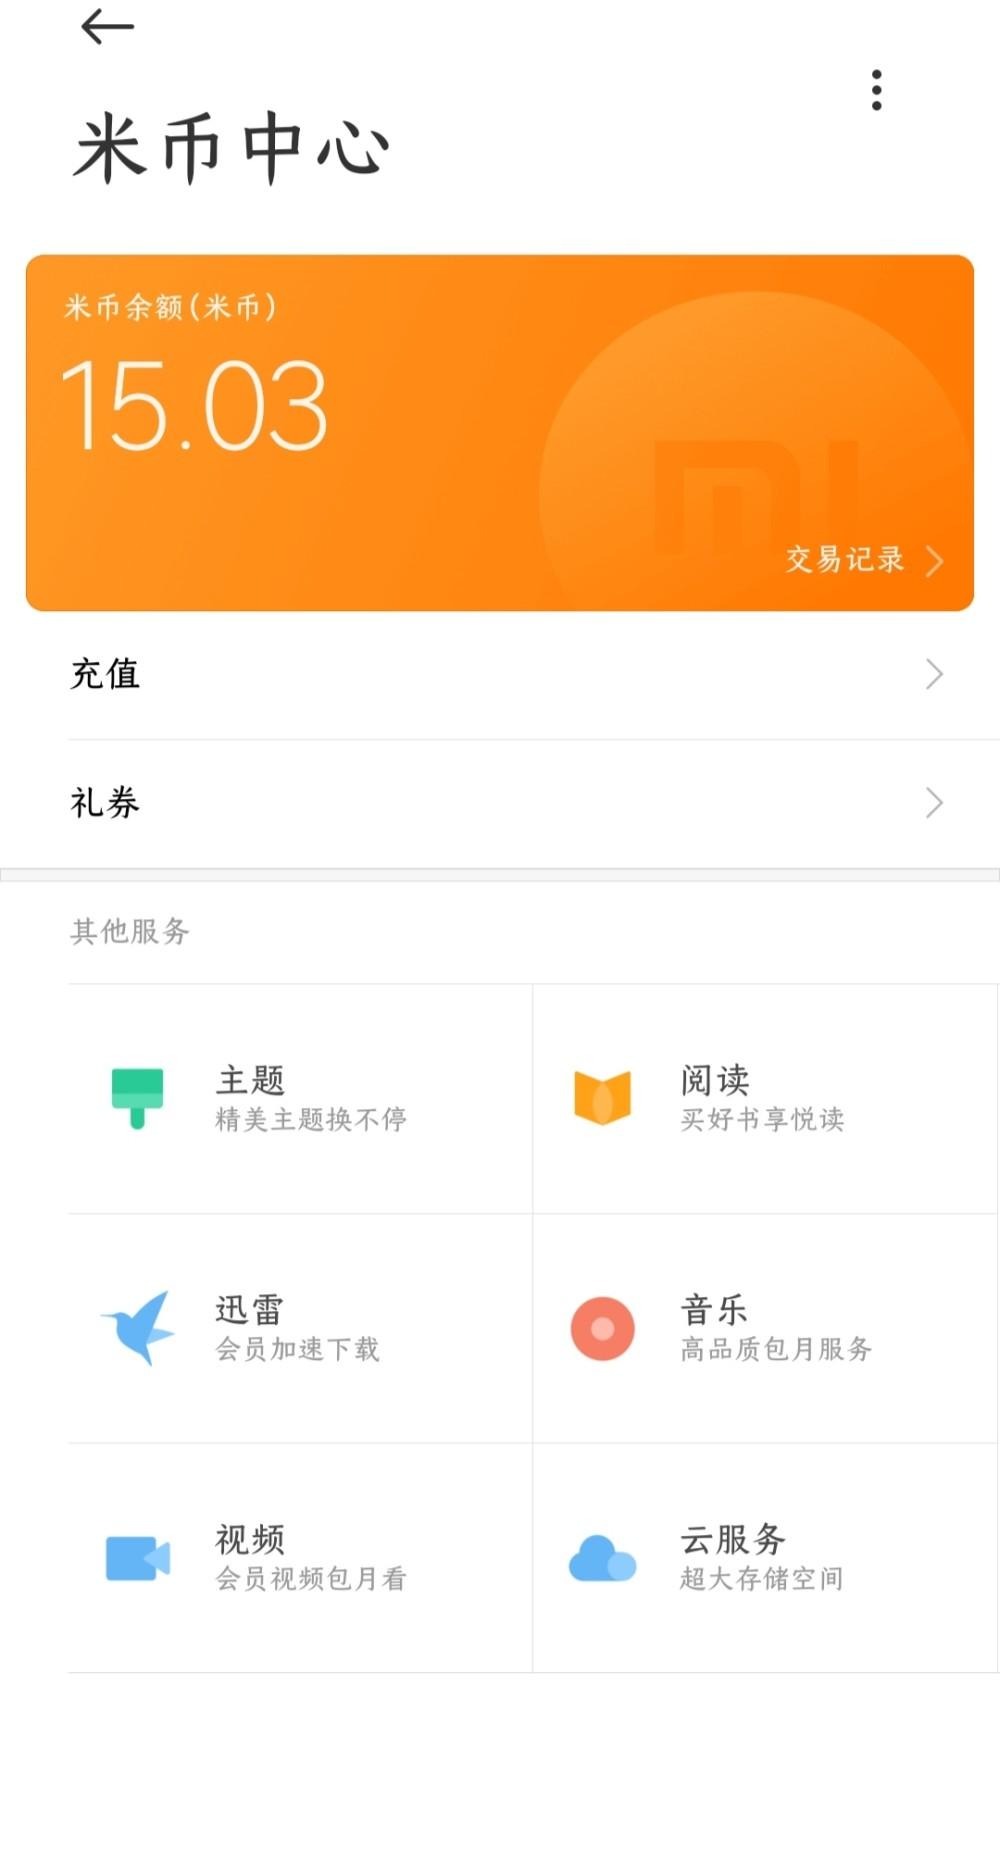 图片[5]-0.03元撸15.03个米币(小米用户福利)-飞享资源网